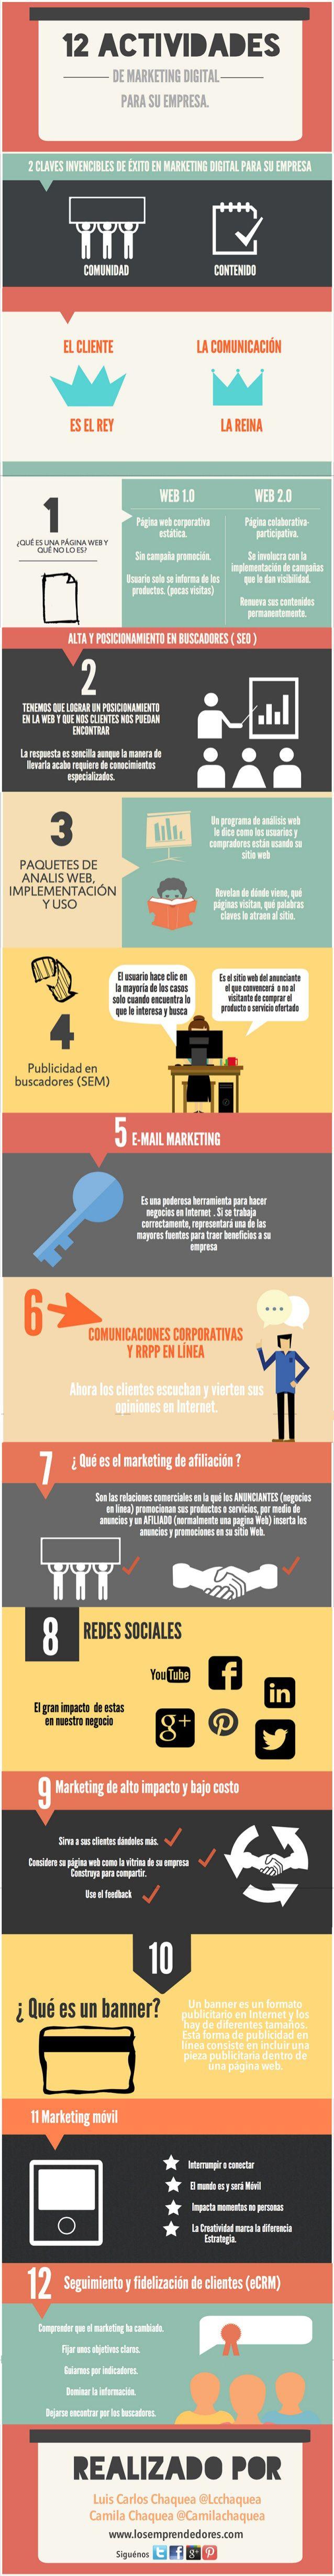 12 actividades de marketing digital para tu empresa #infografia #infographic #marketing